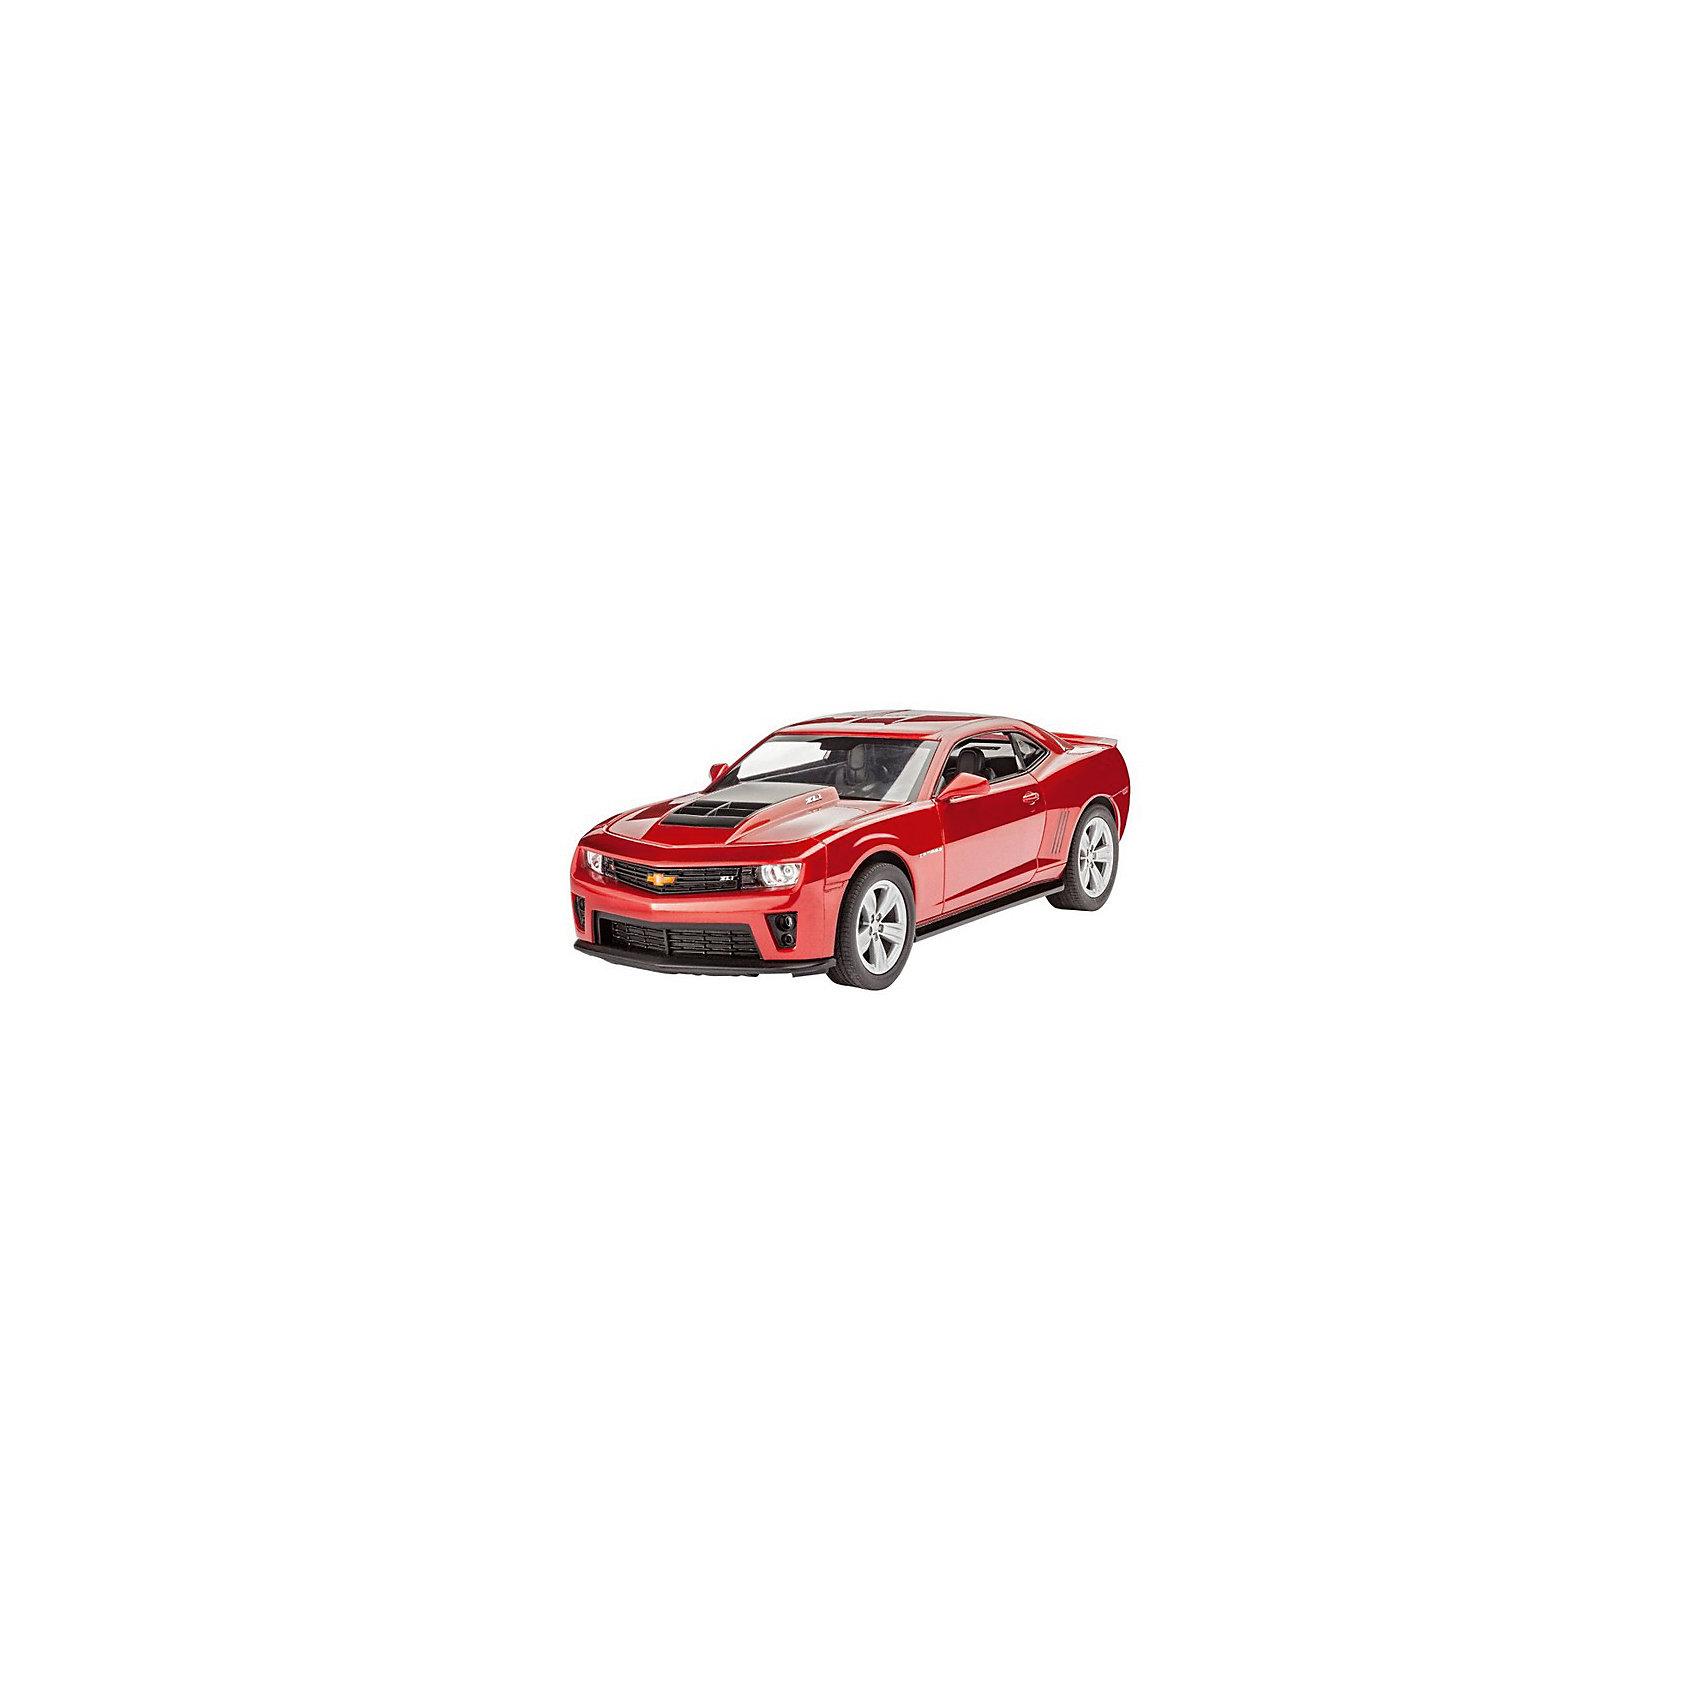 Автомобиль 2013 Camaro ZL-1Модели для склеивания<br>Сборная модель автомобиля Camaro ZL-1 версии 2013 года. Модель выполнена из пластика в масштабе 1 к 25. Данную модель можно собрать без клея, кроме того корпус машинки уже окрашен и в него вставлено остекление. Поэтому данная модель идеально подойдет для первого знакомства ребенка с моделизмом.  <br><br>Для прочности мы рекомендуем вам все-таки использовать клей для пластика при сборке. Также вам необходимо будет приобрести краски для окраски внутренних элементов машинки.  <br>В комплект включены декали (переводные наклейки), которые помогут нанести на модель номерные знаки. В том числе и версию российских номерных знаков. Также в комплекте две металлические оси для колес. С их помощью ребенок сможет собрать машинку с рабочими колесами <br>Масштаб 1:25  <br>Модель состоит из 48 деталей. <br>Длина модели в собранном виде 19,4 см. <br>Рекомендуется для детей от 10 лет.<br><br>Ширина мм: 9999<br>Глубина мм: 9999<br>Высота мм: 9999<br>Вес г: 9999<br>Возраст от месяцев: 120<br>Возраст до месяцев: 2147483647<br>Пол: Мужской<br>Возраст: Детский<br>SKU: 7122351